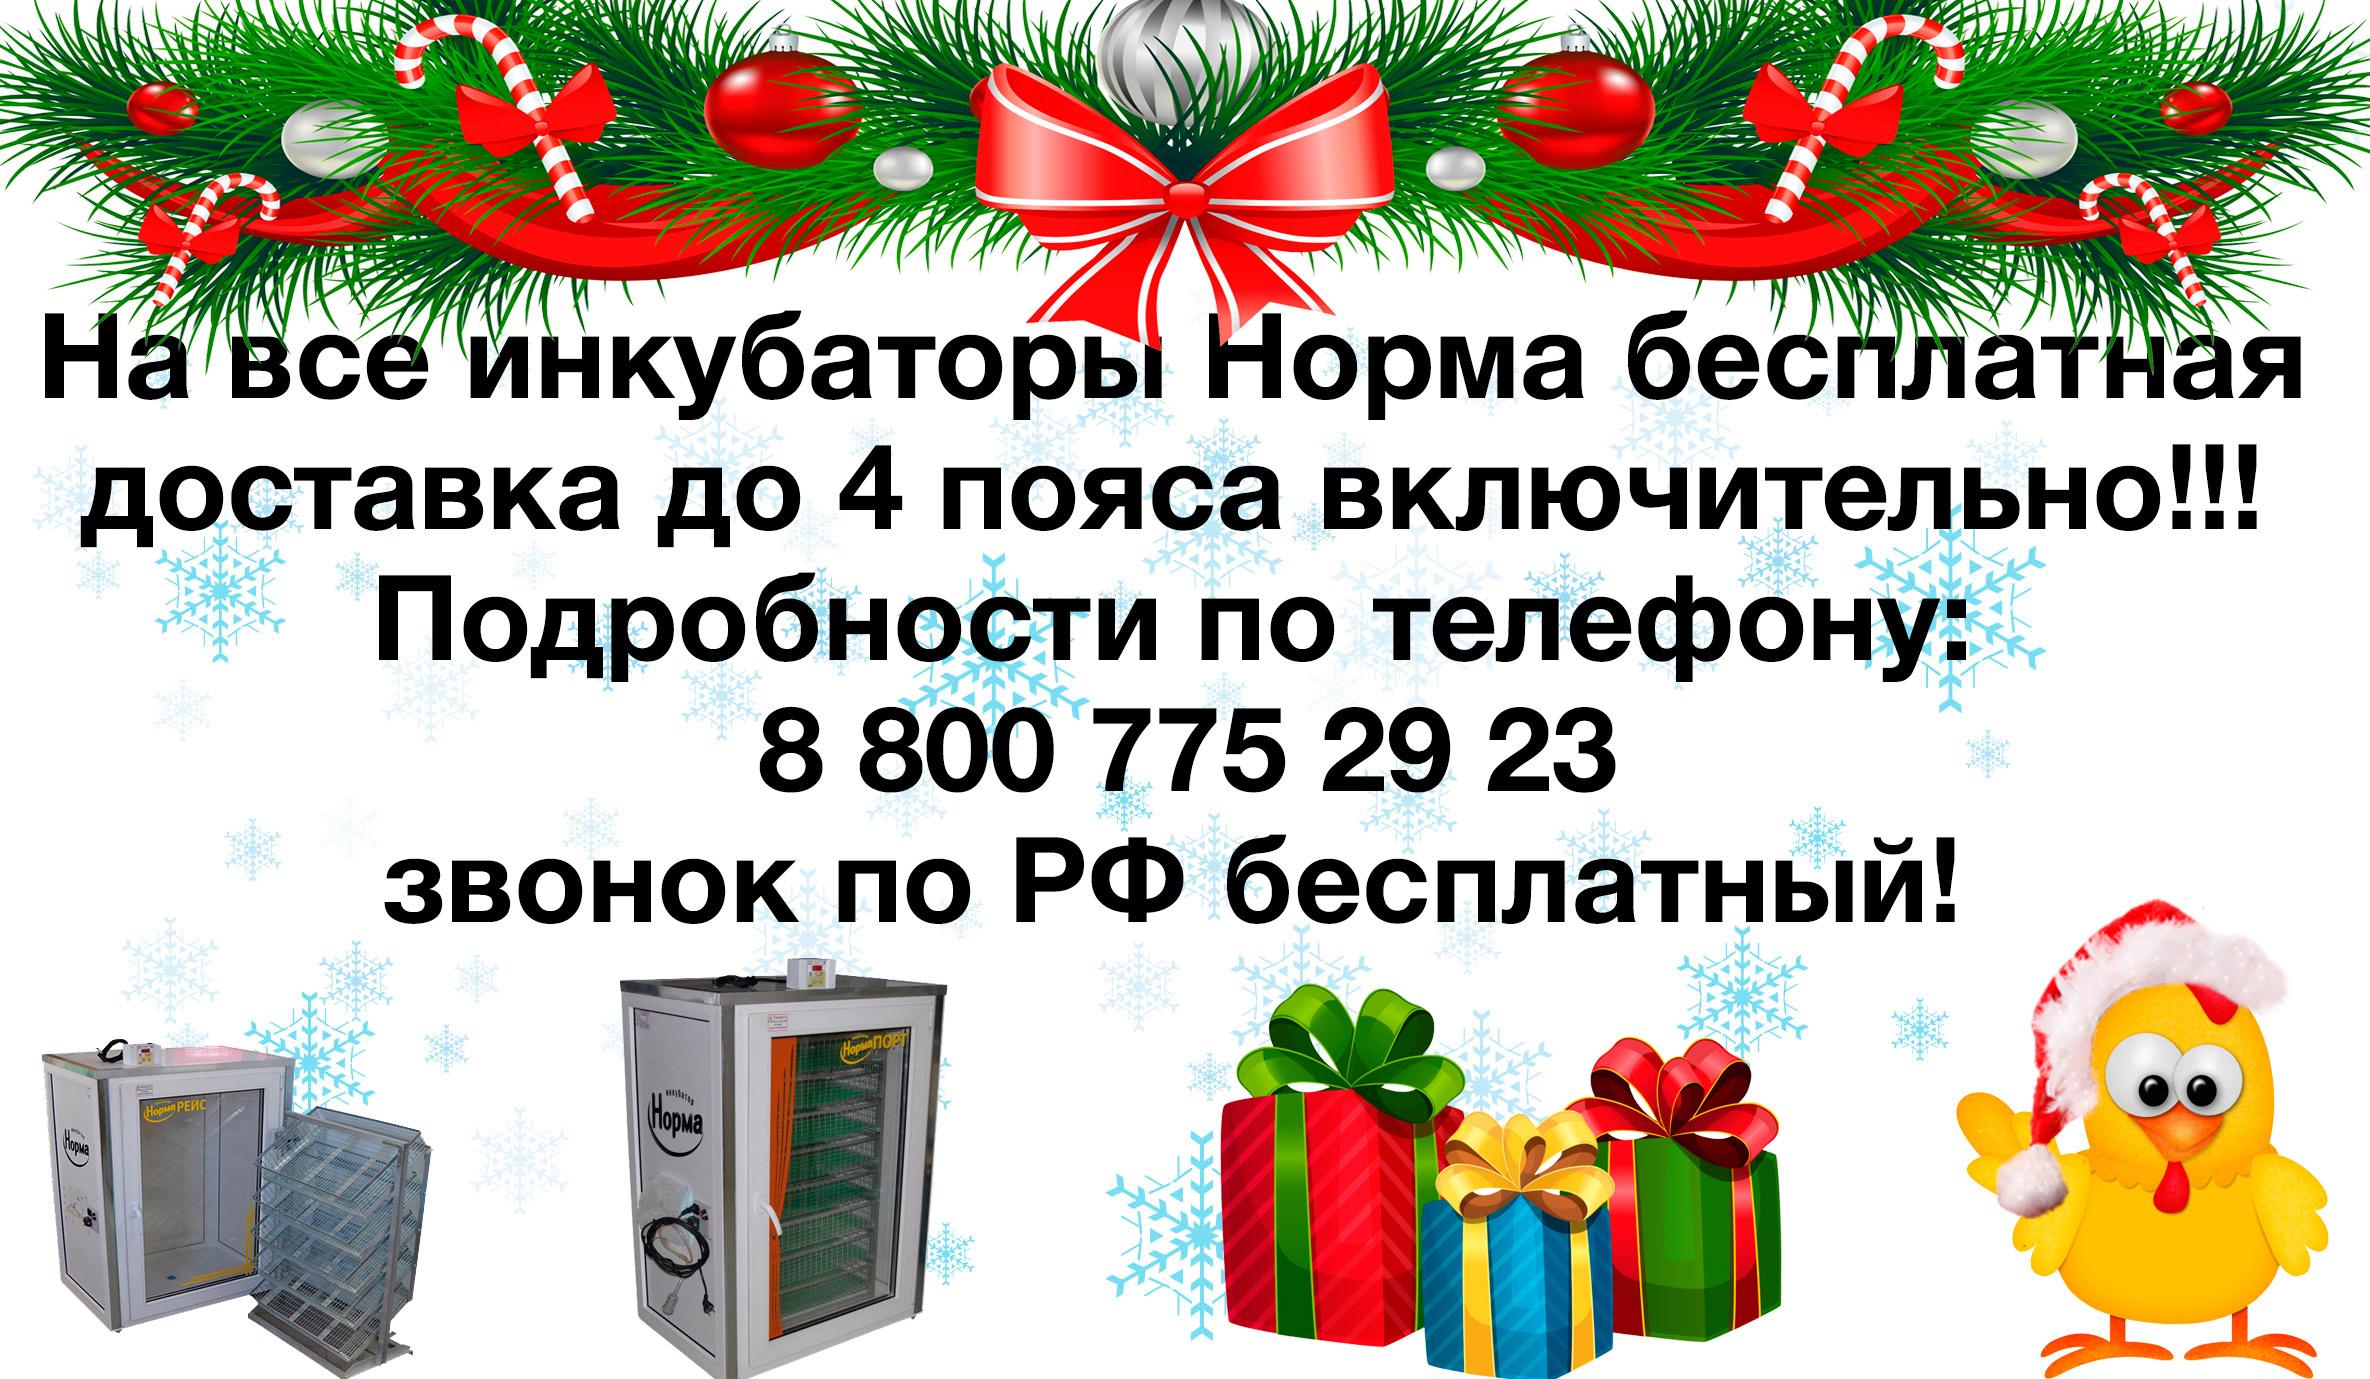 https://mirinkub.ru/images/upload/окончательный%20новогодний%20баннер.jpg